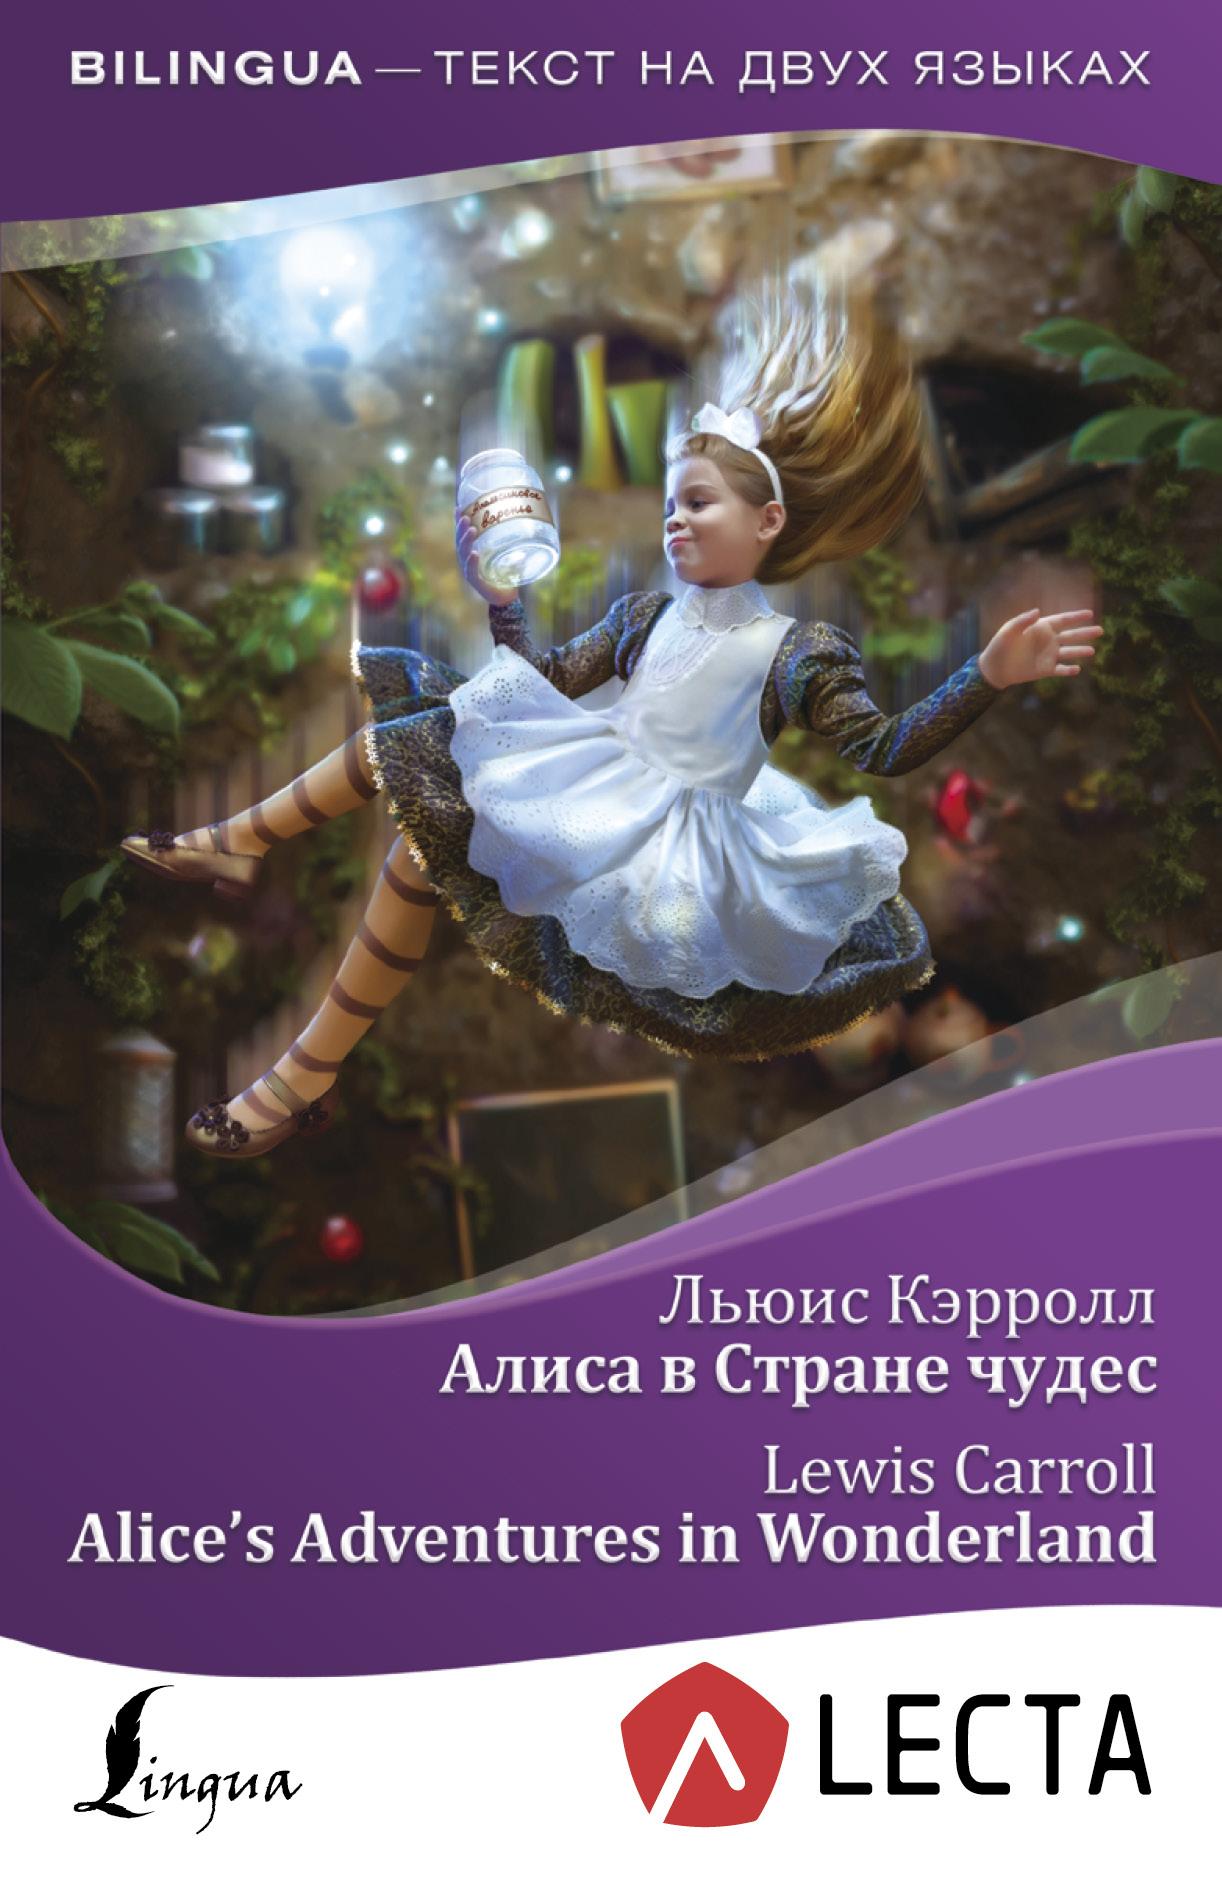 Льюис Кэрролл Алиса в Стране чудес = Alice's Adventures in Wonderland + аудиоприложение LECTA льюис кэрролл алиса в стране чудес alice's adventures in wonderland аудиоприложение lecta